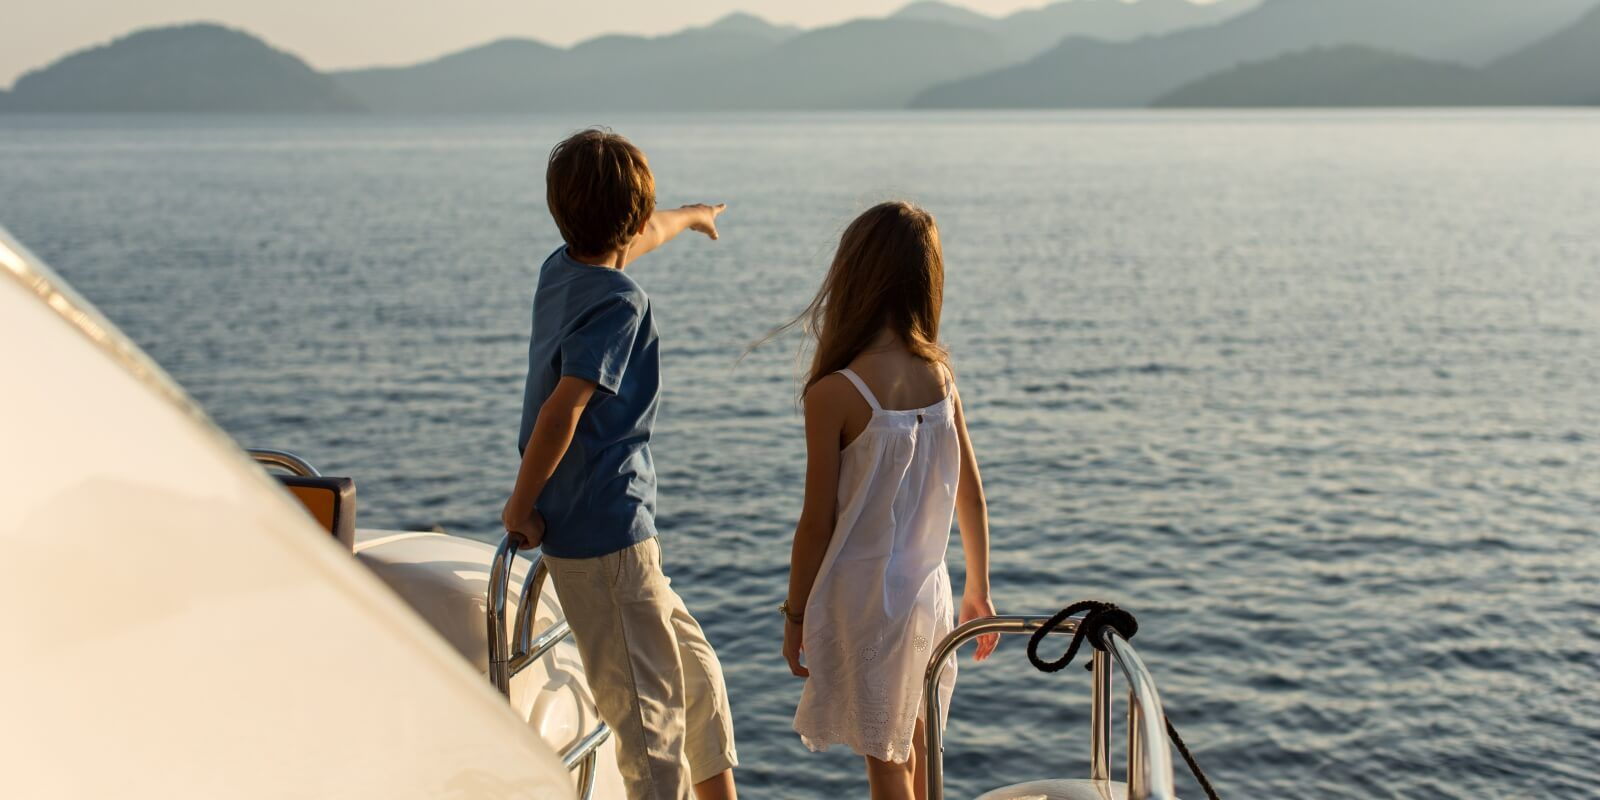 https://www.talamare.fr/medias/Des enfants regardant la mer depuis un yacht de location avec leurs parents sur le pont arrière